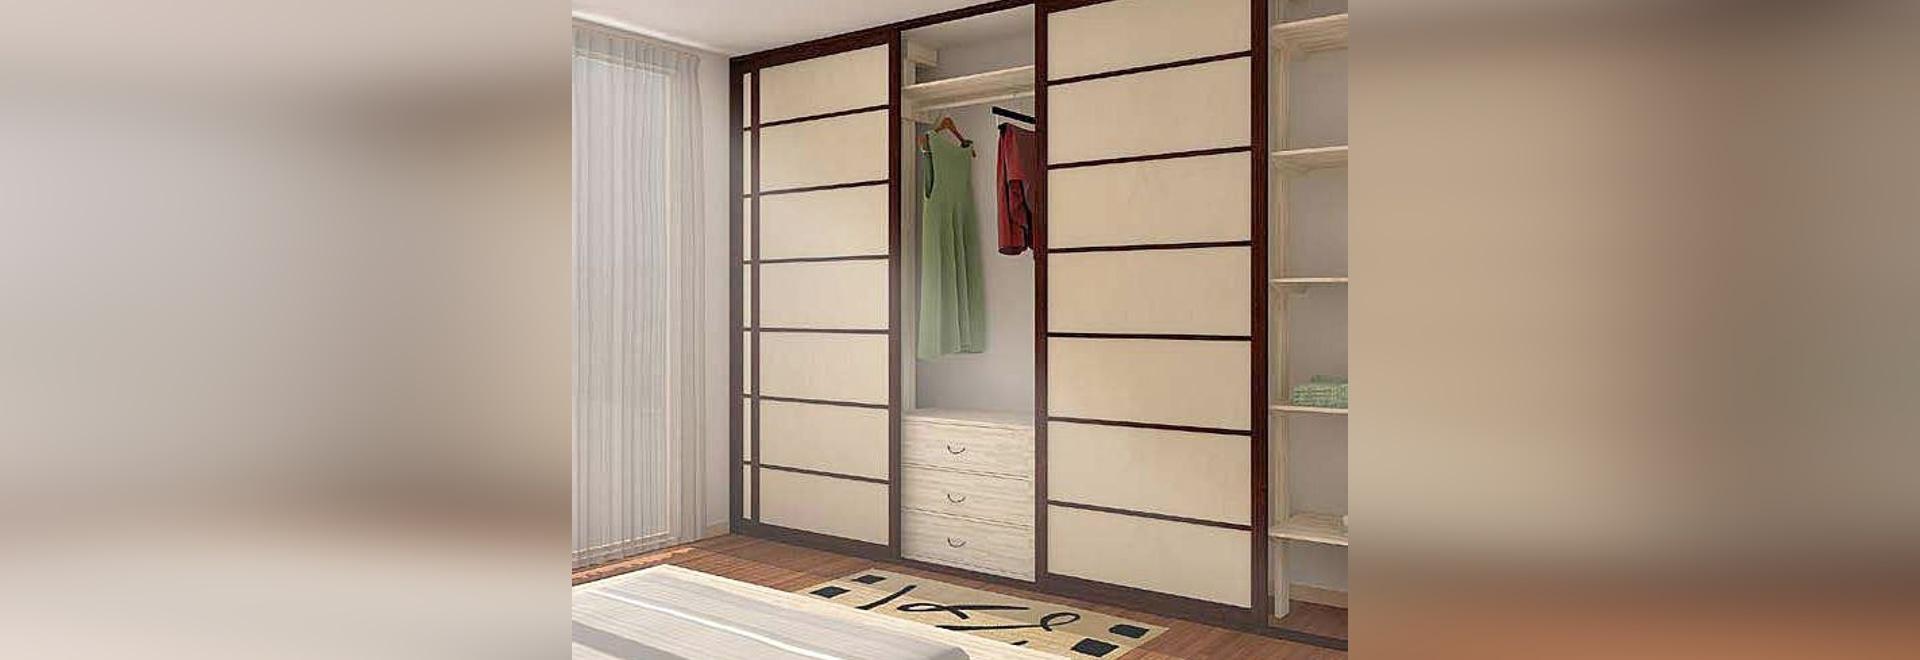 Fullsize Of Japanese Sliding Doors